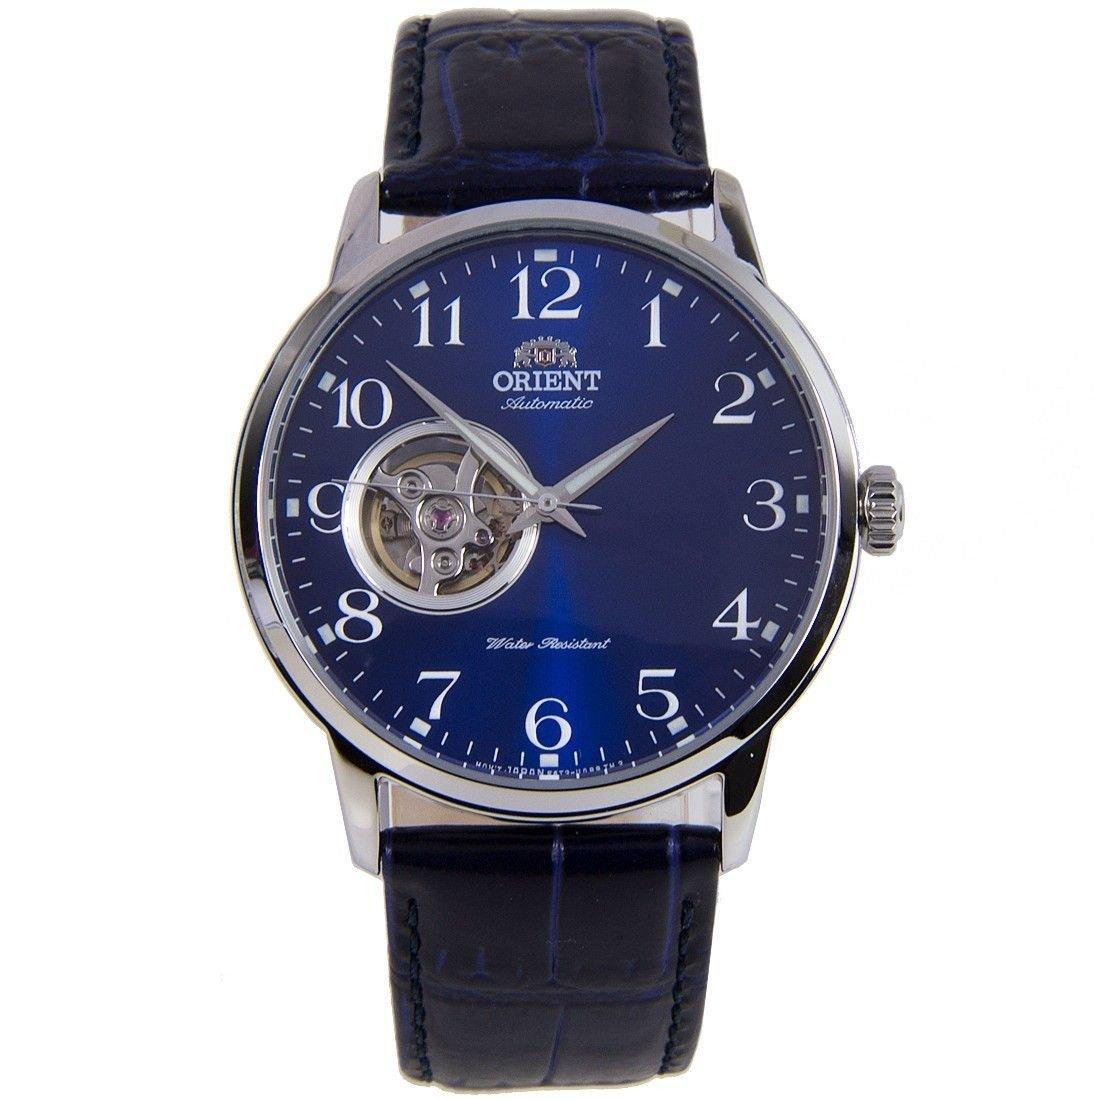 reloj hombre automático Orient Bambino Open Heart orient RA-AG0011L dial azul correa cuero